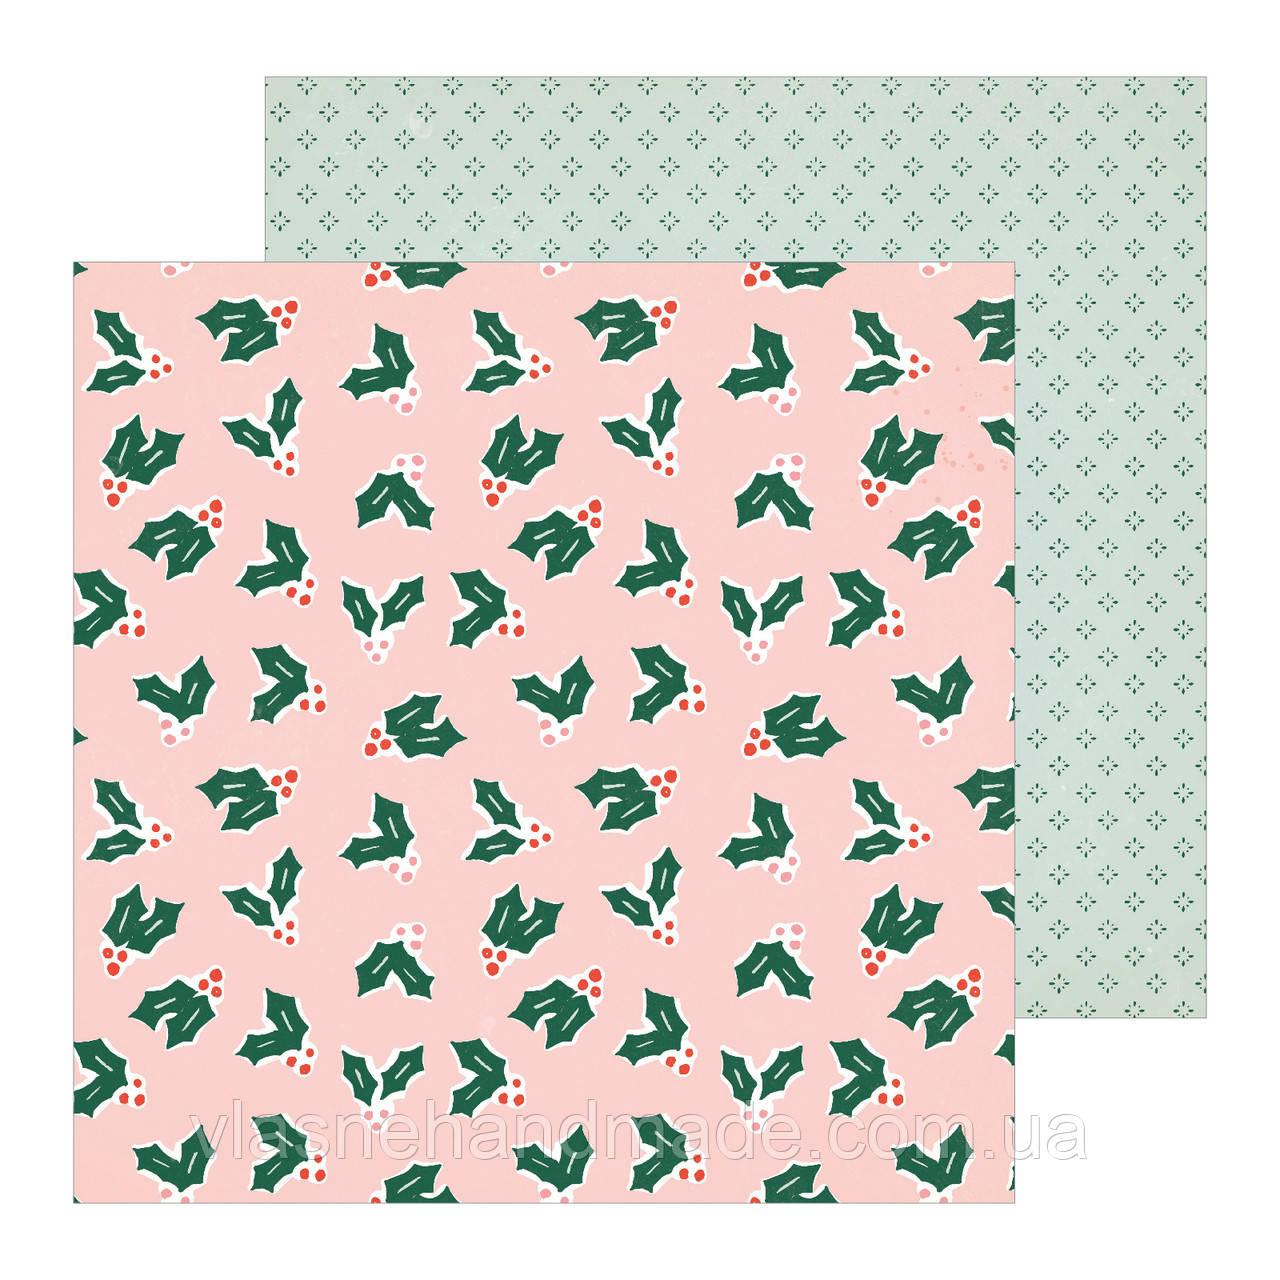 Папір двосторонній -  MERRILY -  Merry Days - Crate Paper - 30х30